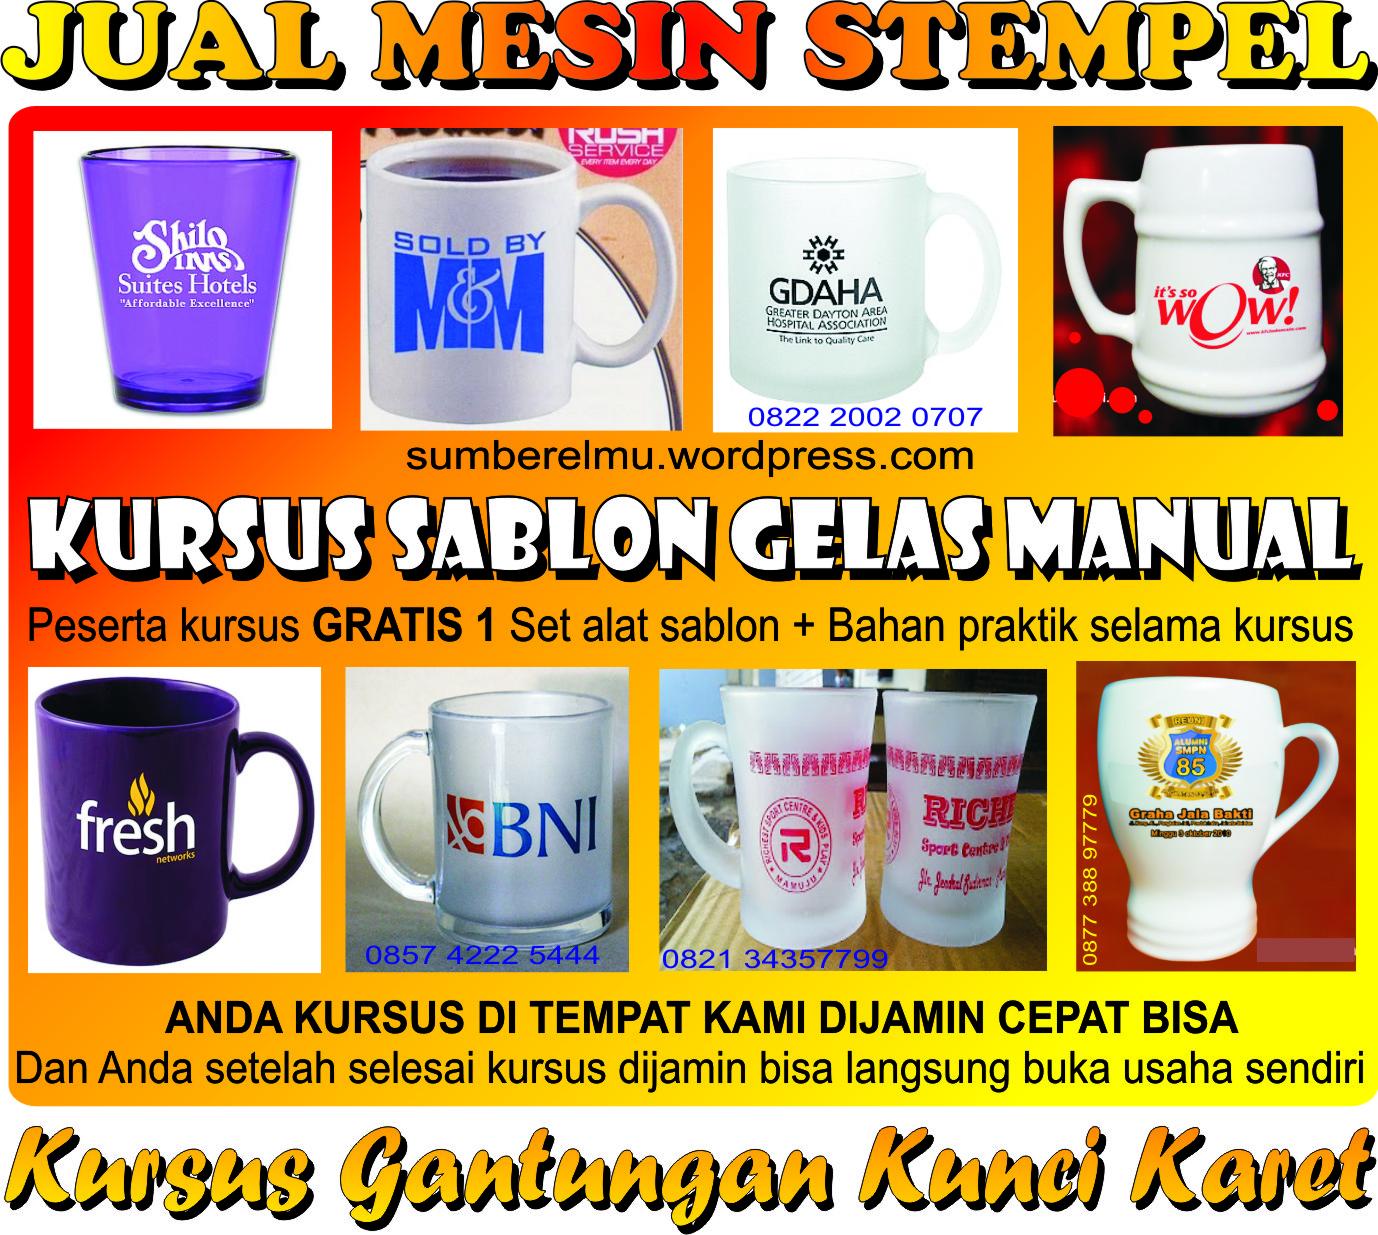 Standar Harga Jasa Desain Grafis Jawa Tengah